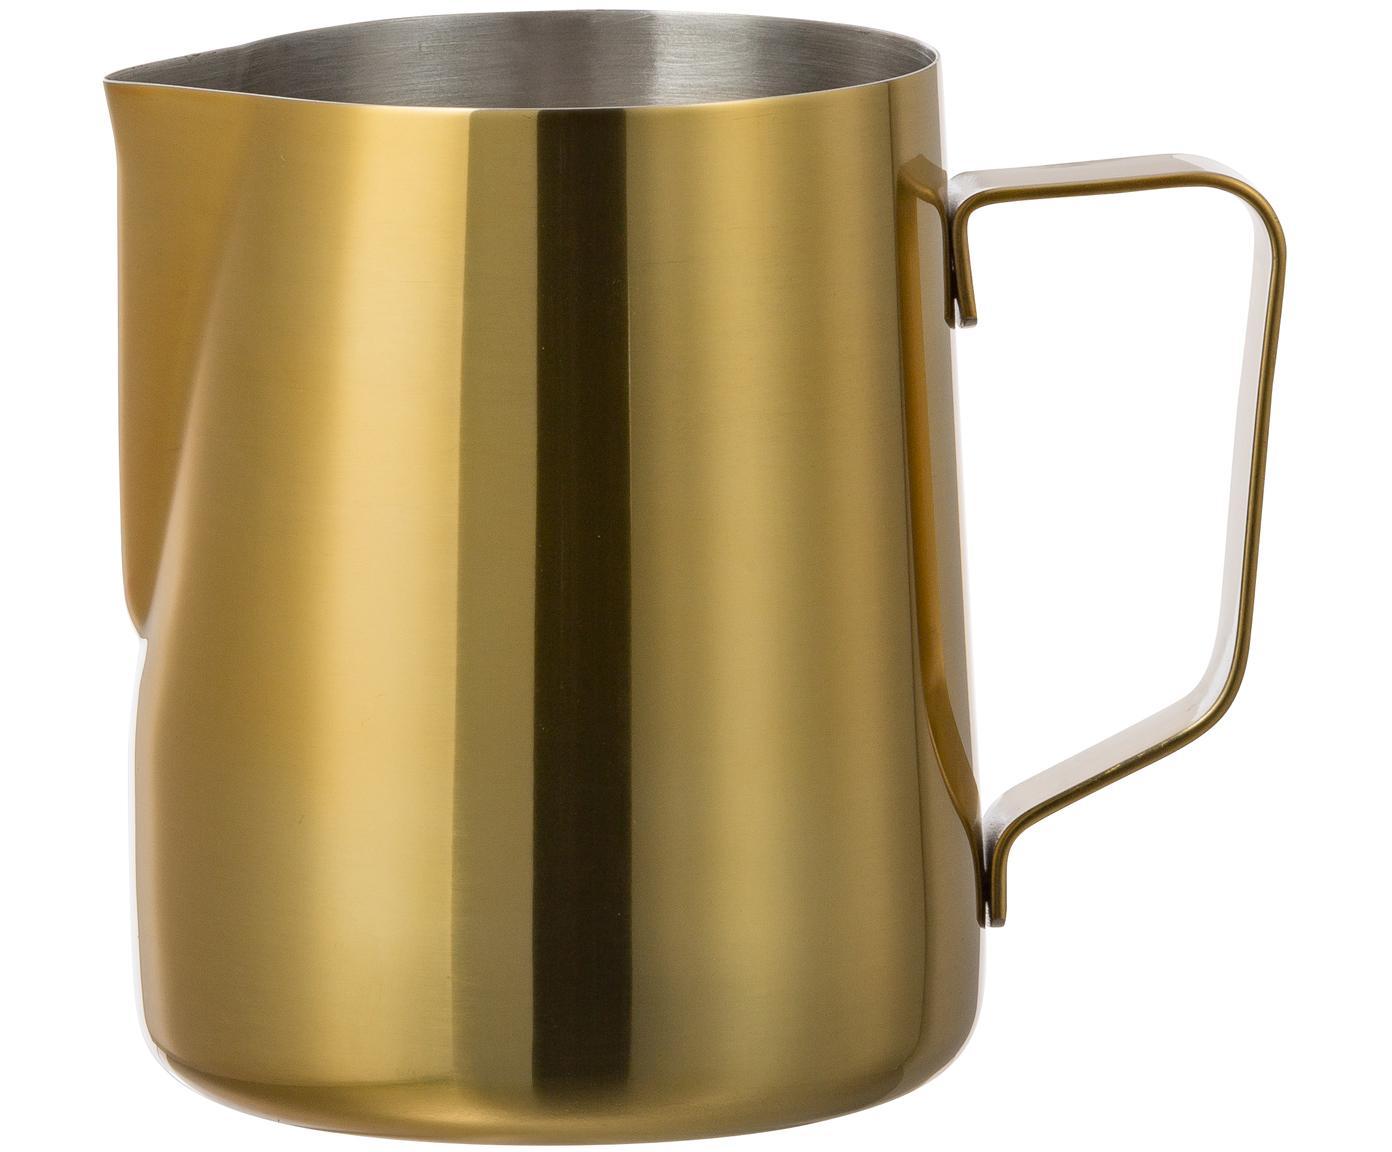 Dzbanek do mleka Curacao, Odcienie złotego, Ø 9 x W 11 cm